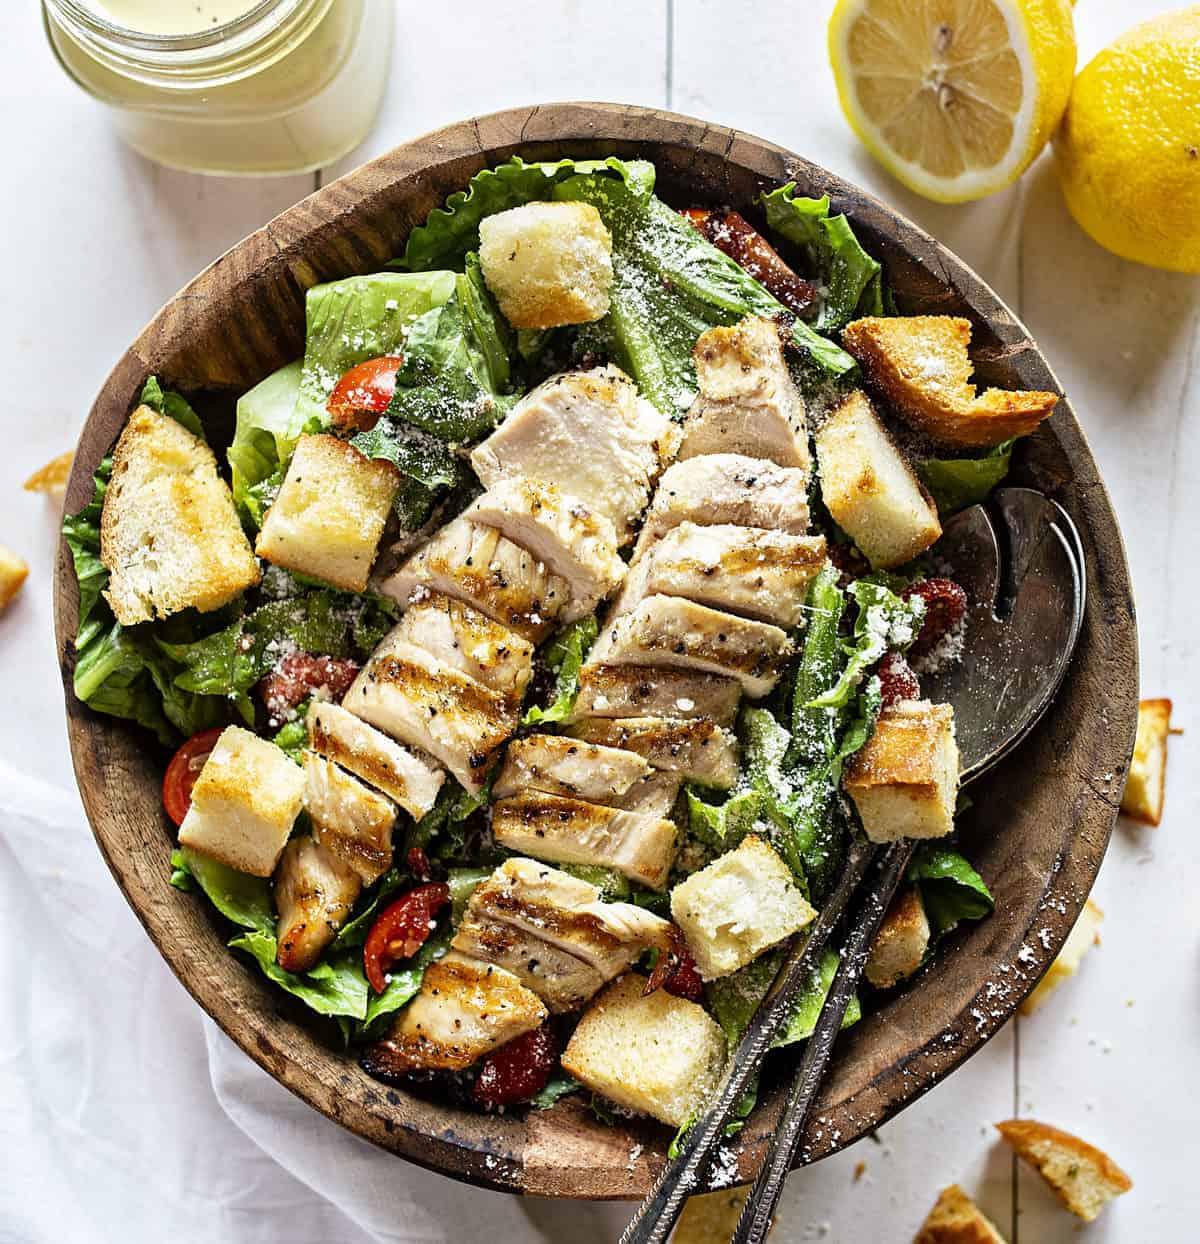 Homemade Chicken Ceasar Salad